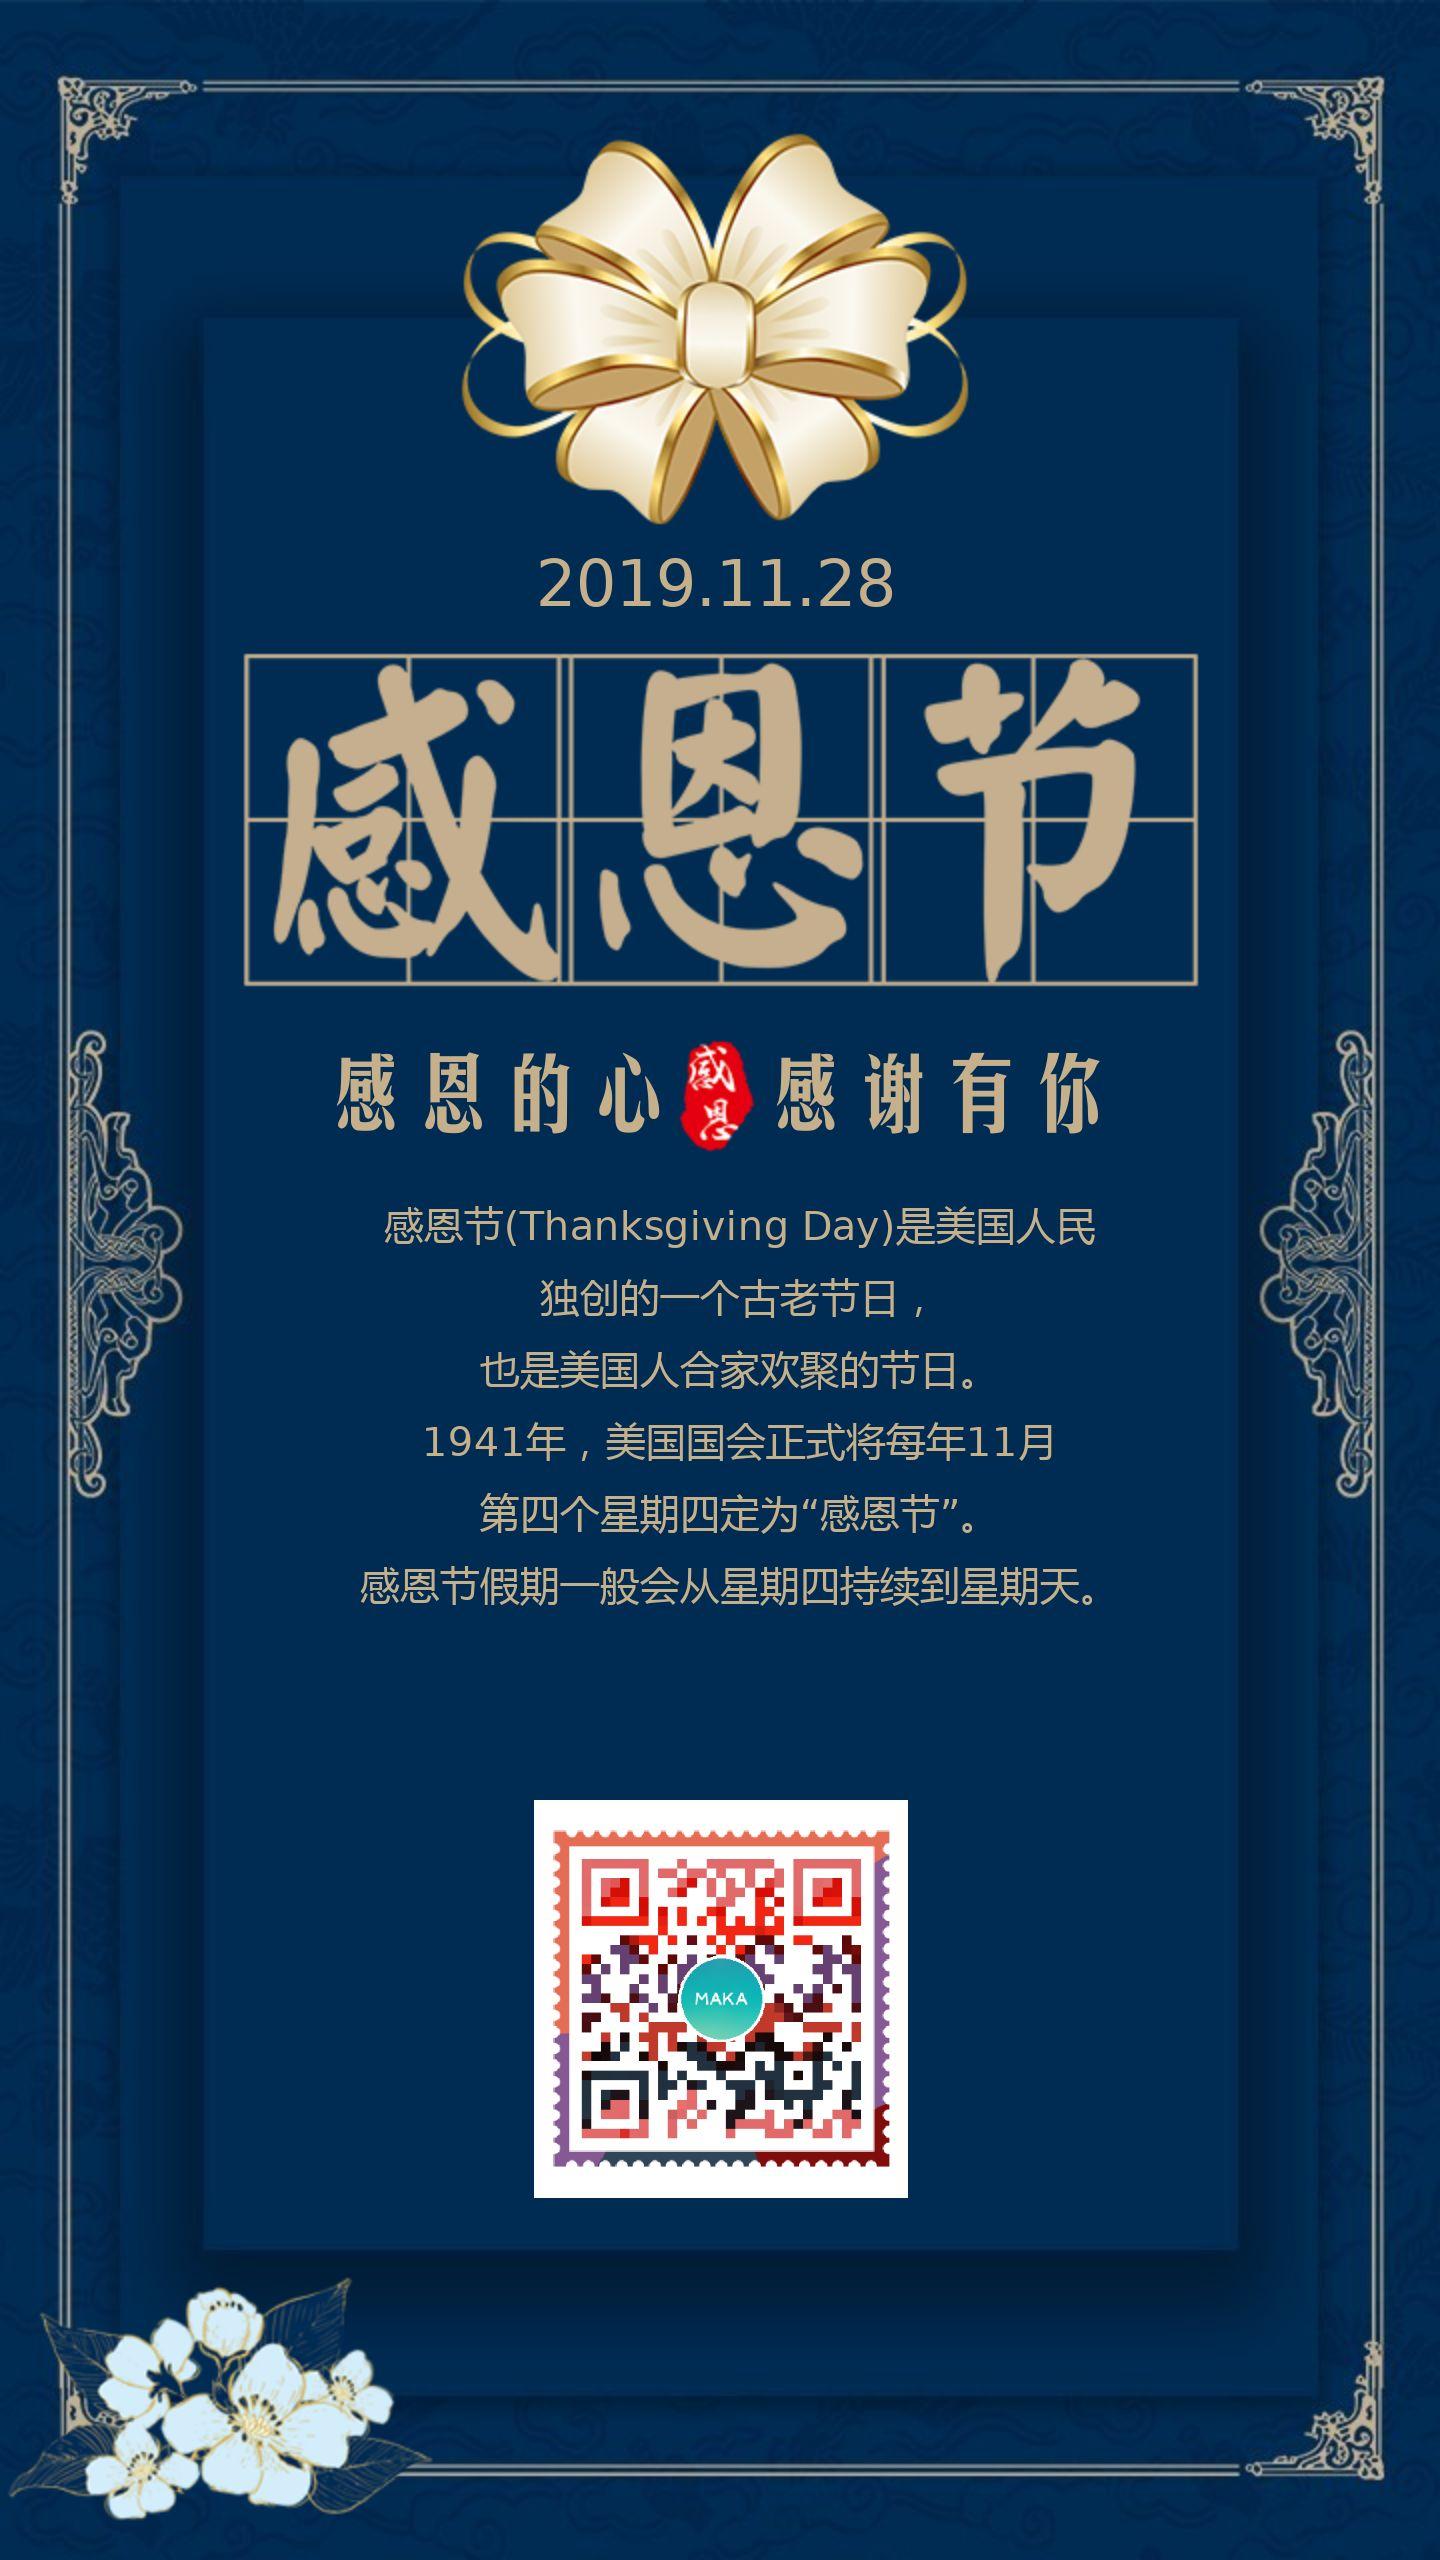 蓝色简约商务科技风感恩节感恩有你感谢有你感恩节快乐宣传促销海报